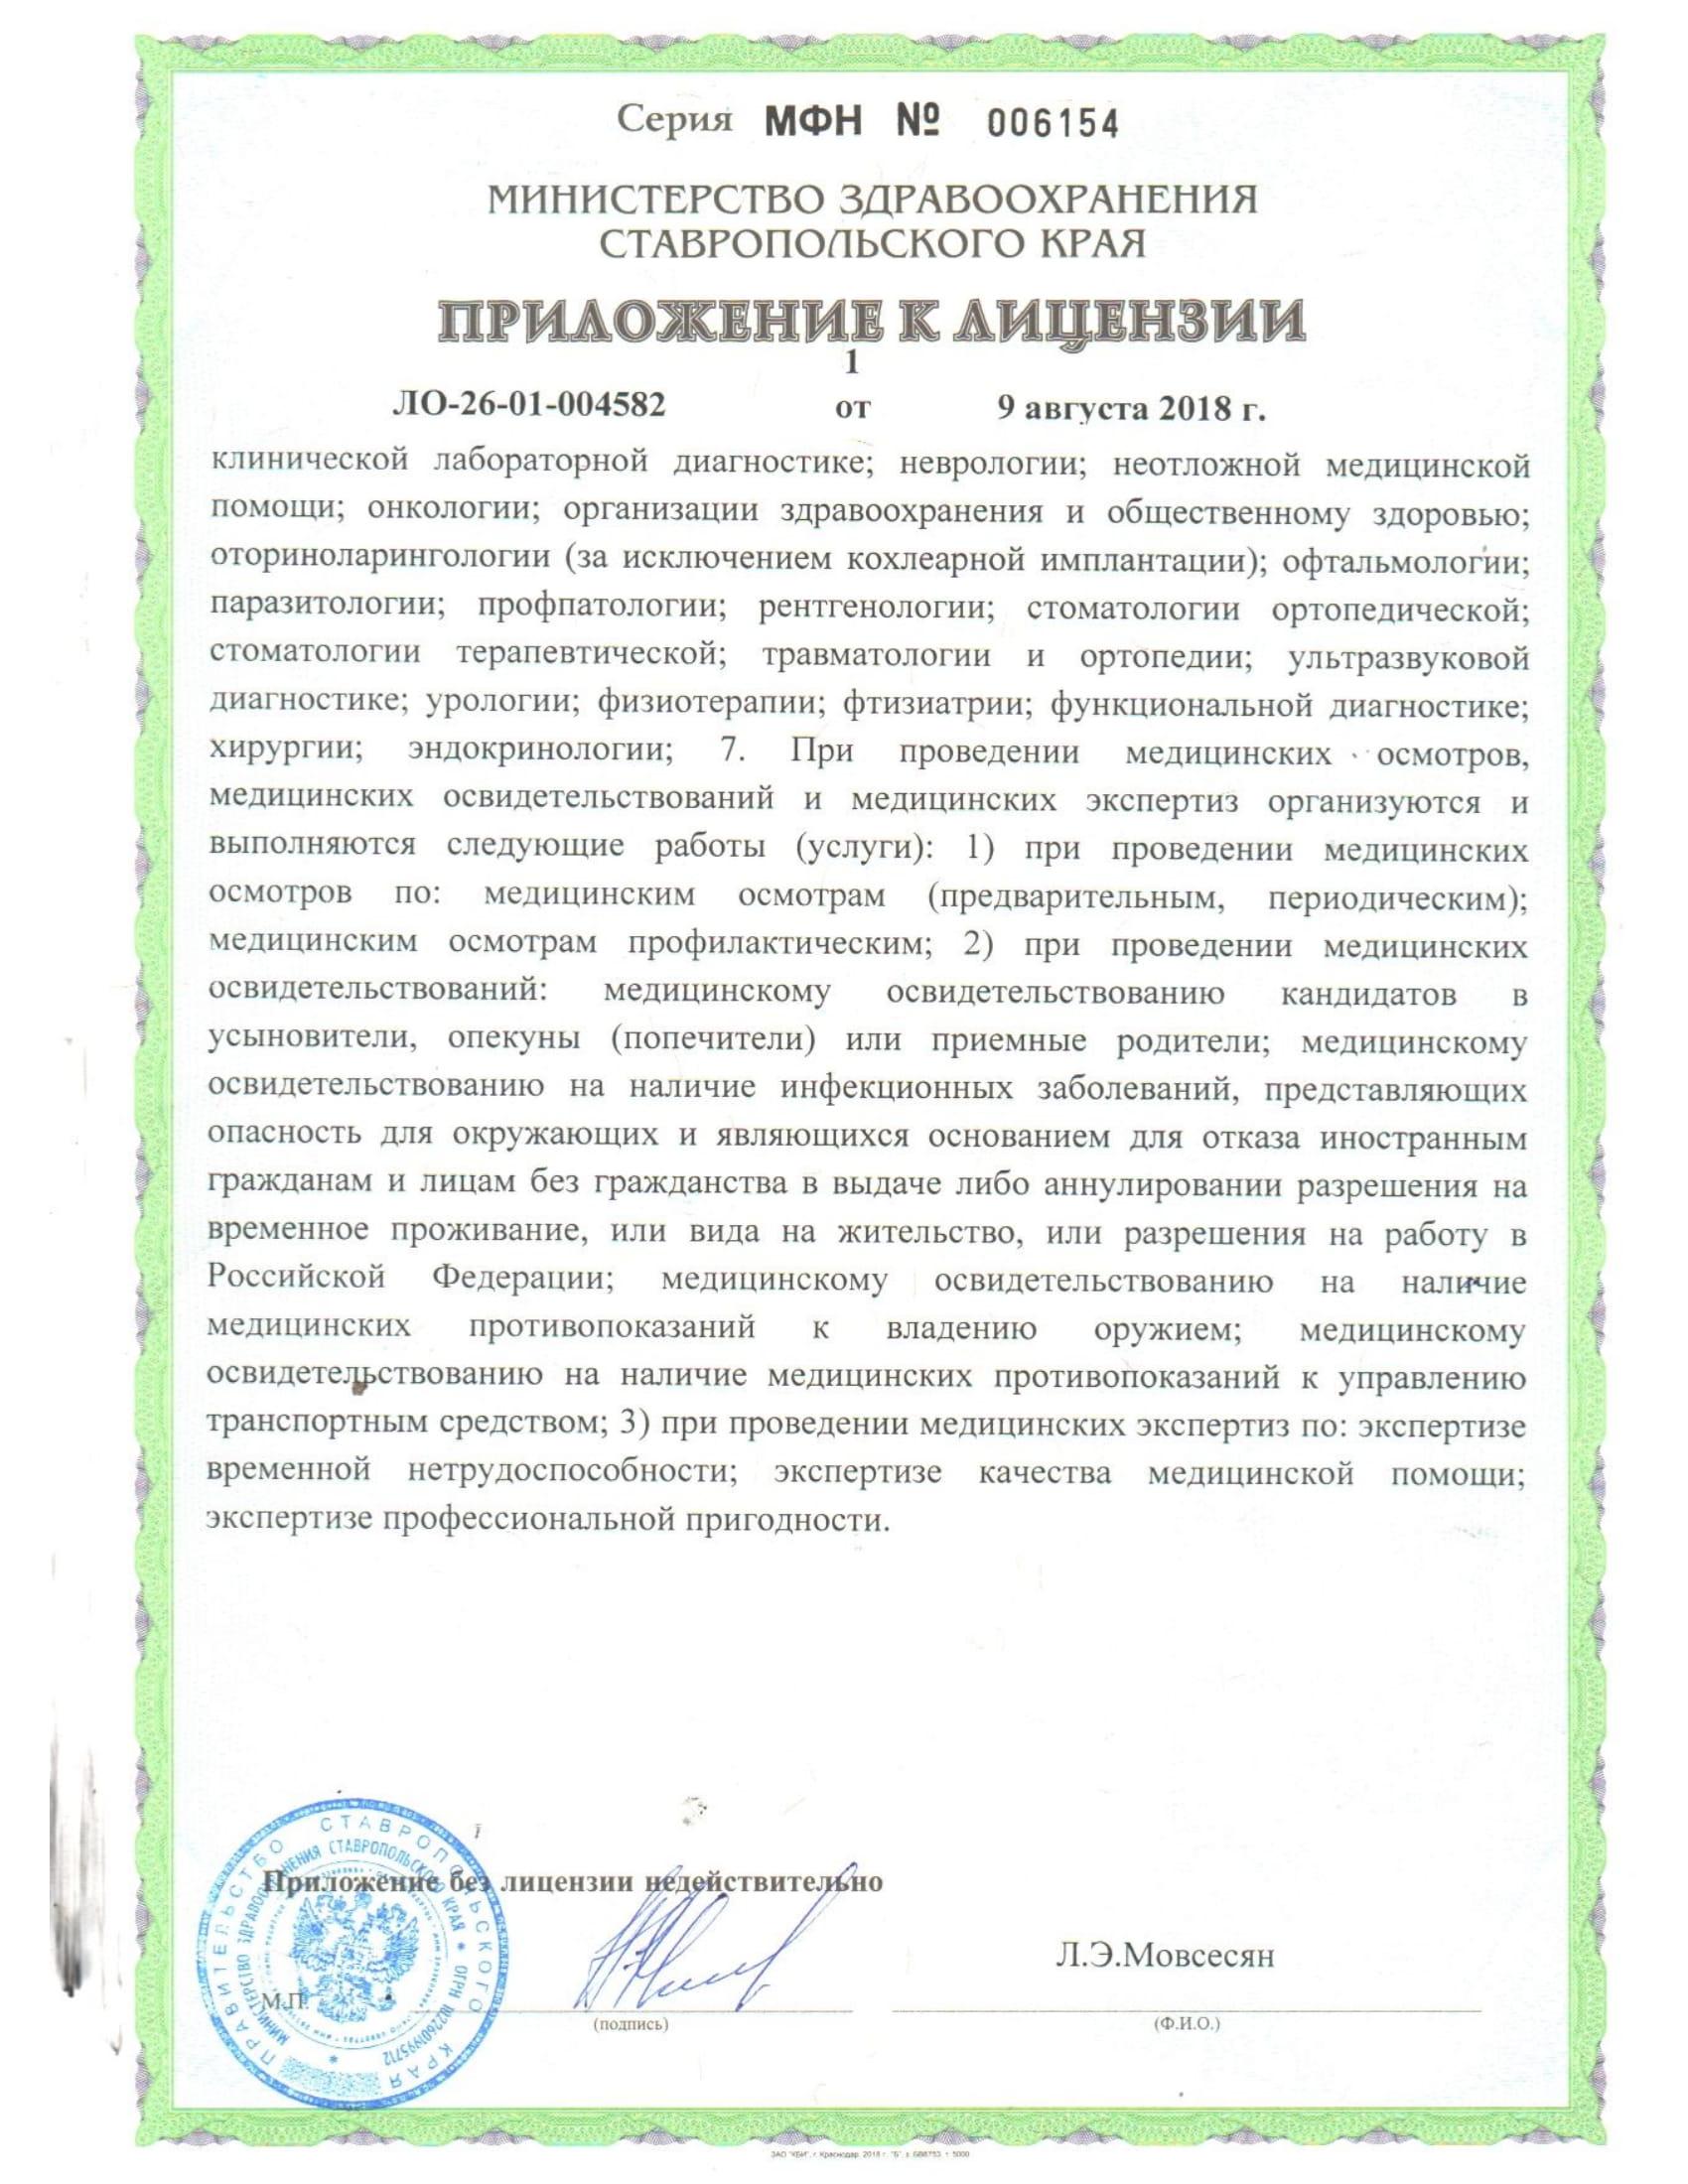 лицензия 2018 от 09.08.2018-04